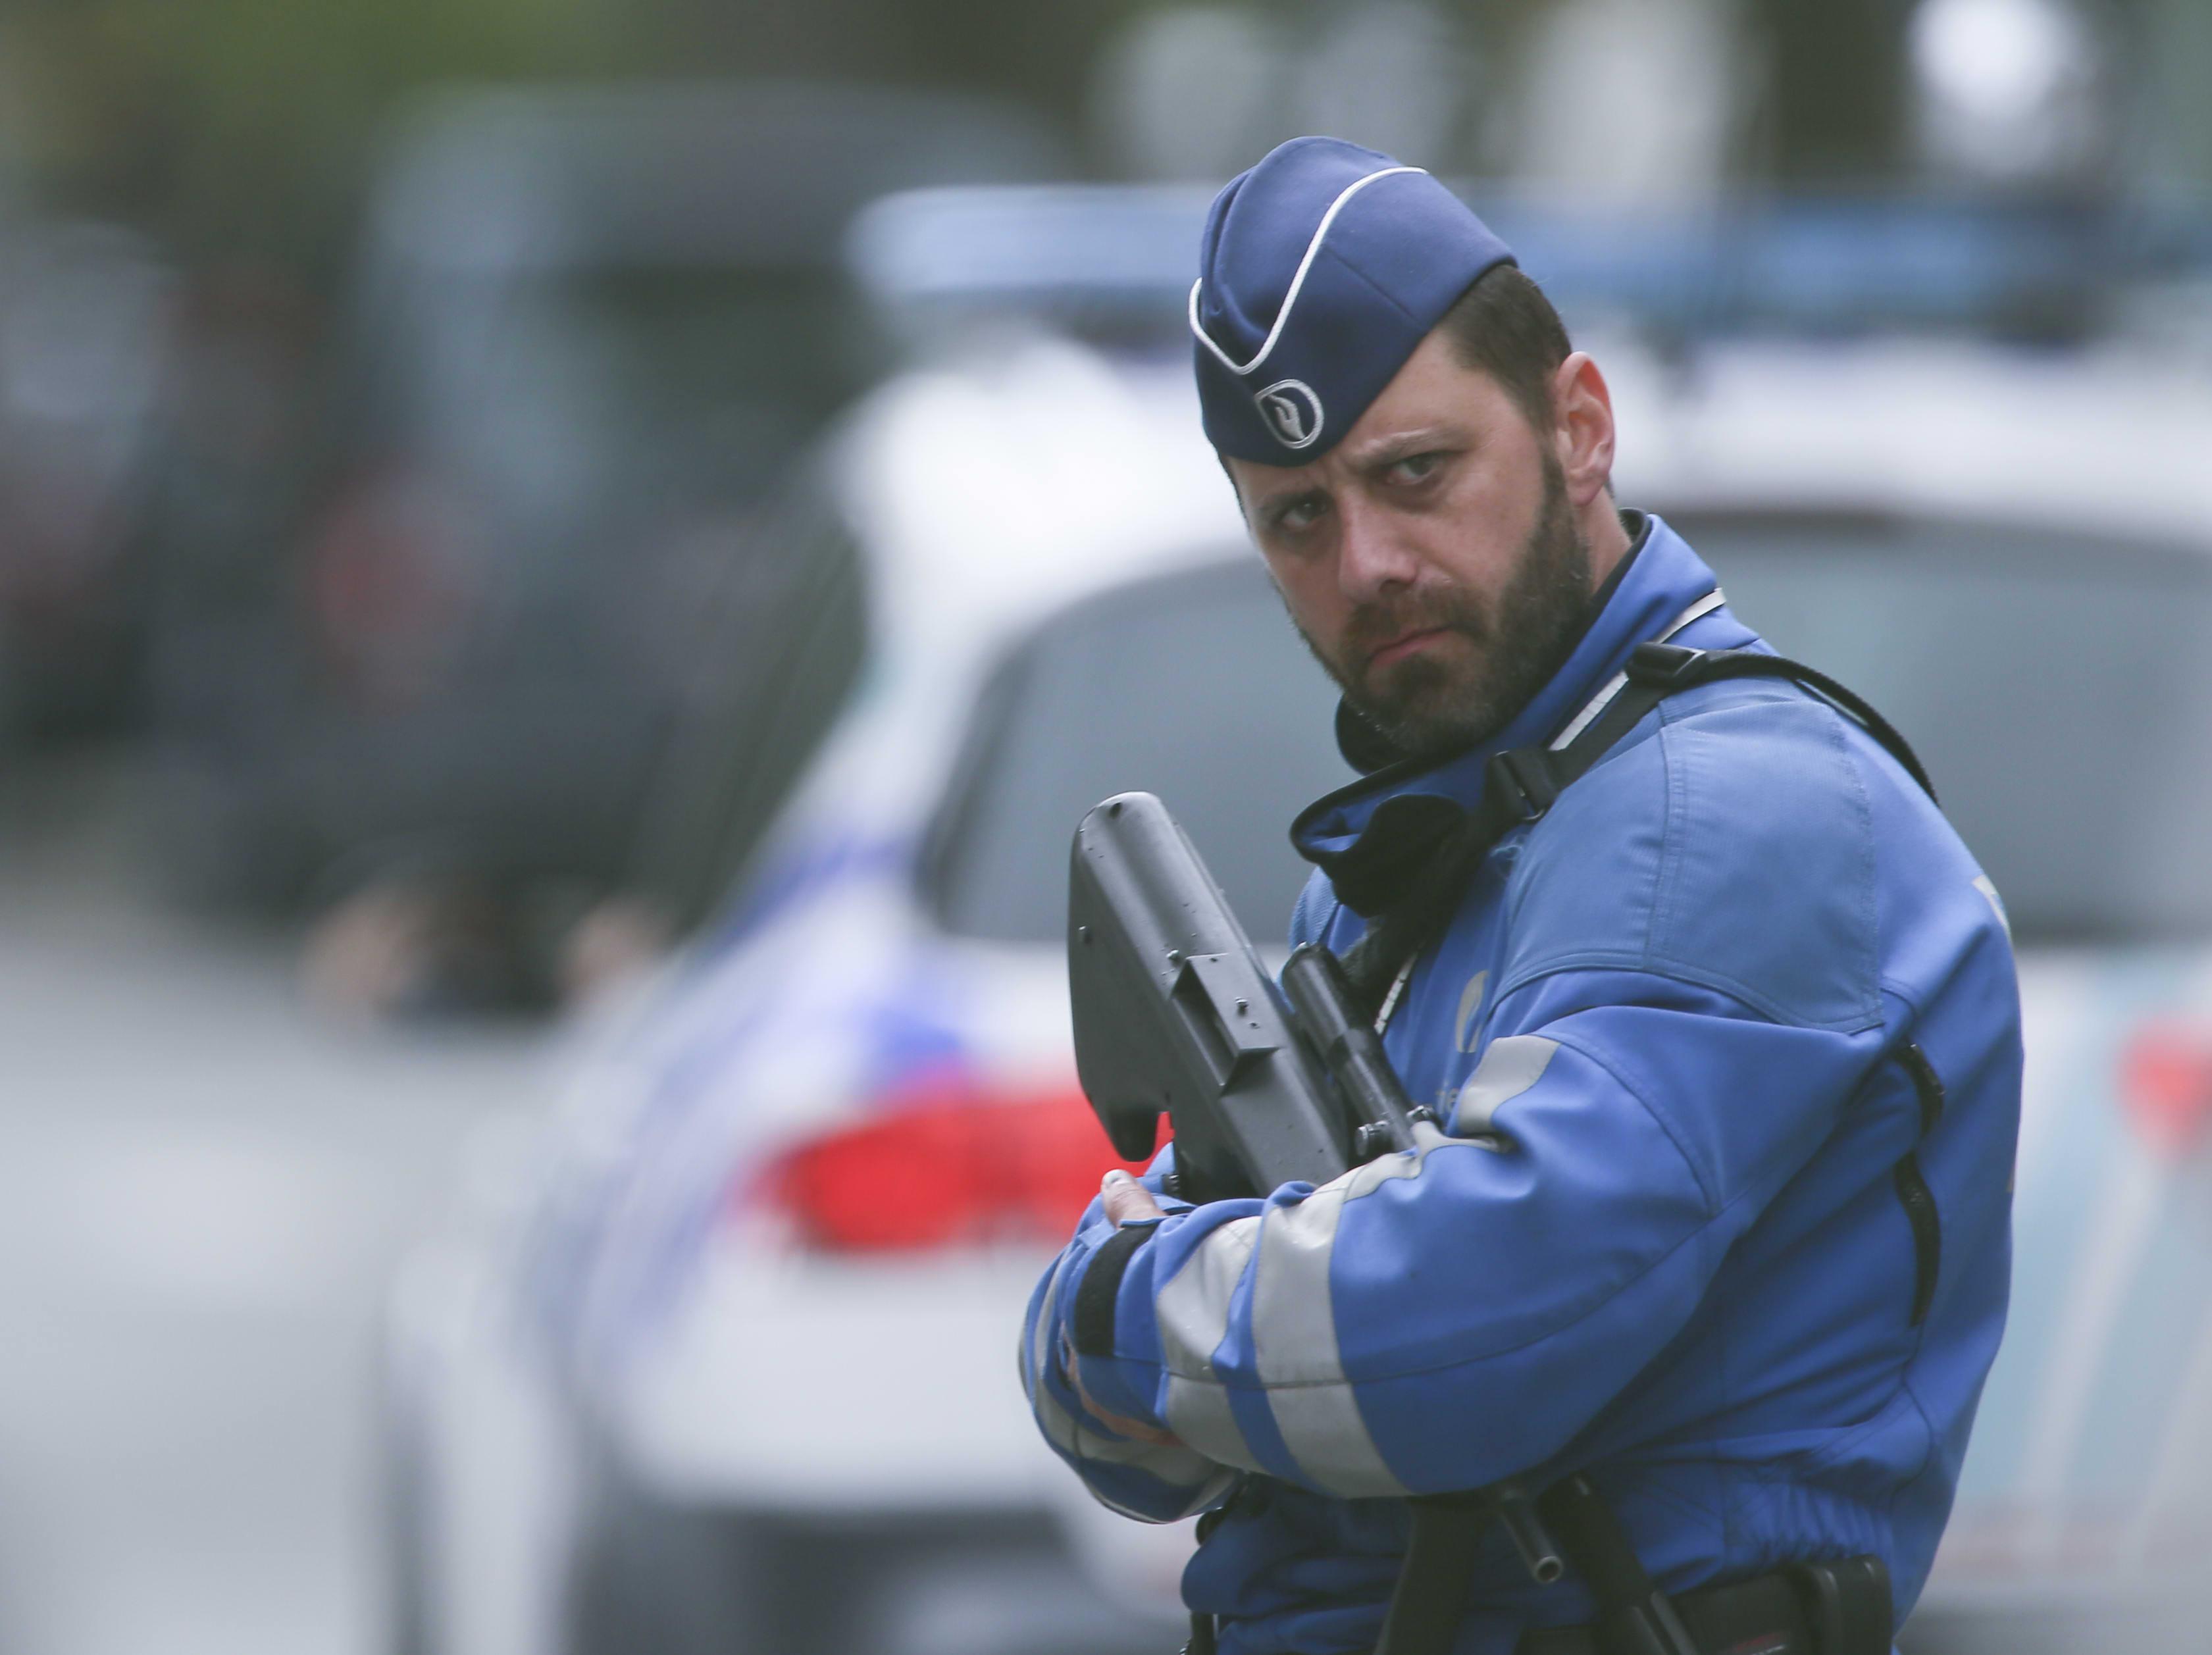 Poliisi vartioi Brysselissä perjantaina katua, jolla rekonstruoitiin maaliskuisen terrori-iskun kulkua. Pelot uudesta terrori-iskusta ovat kasvaneet jalkapallon EM-kisojen aikana.